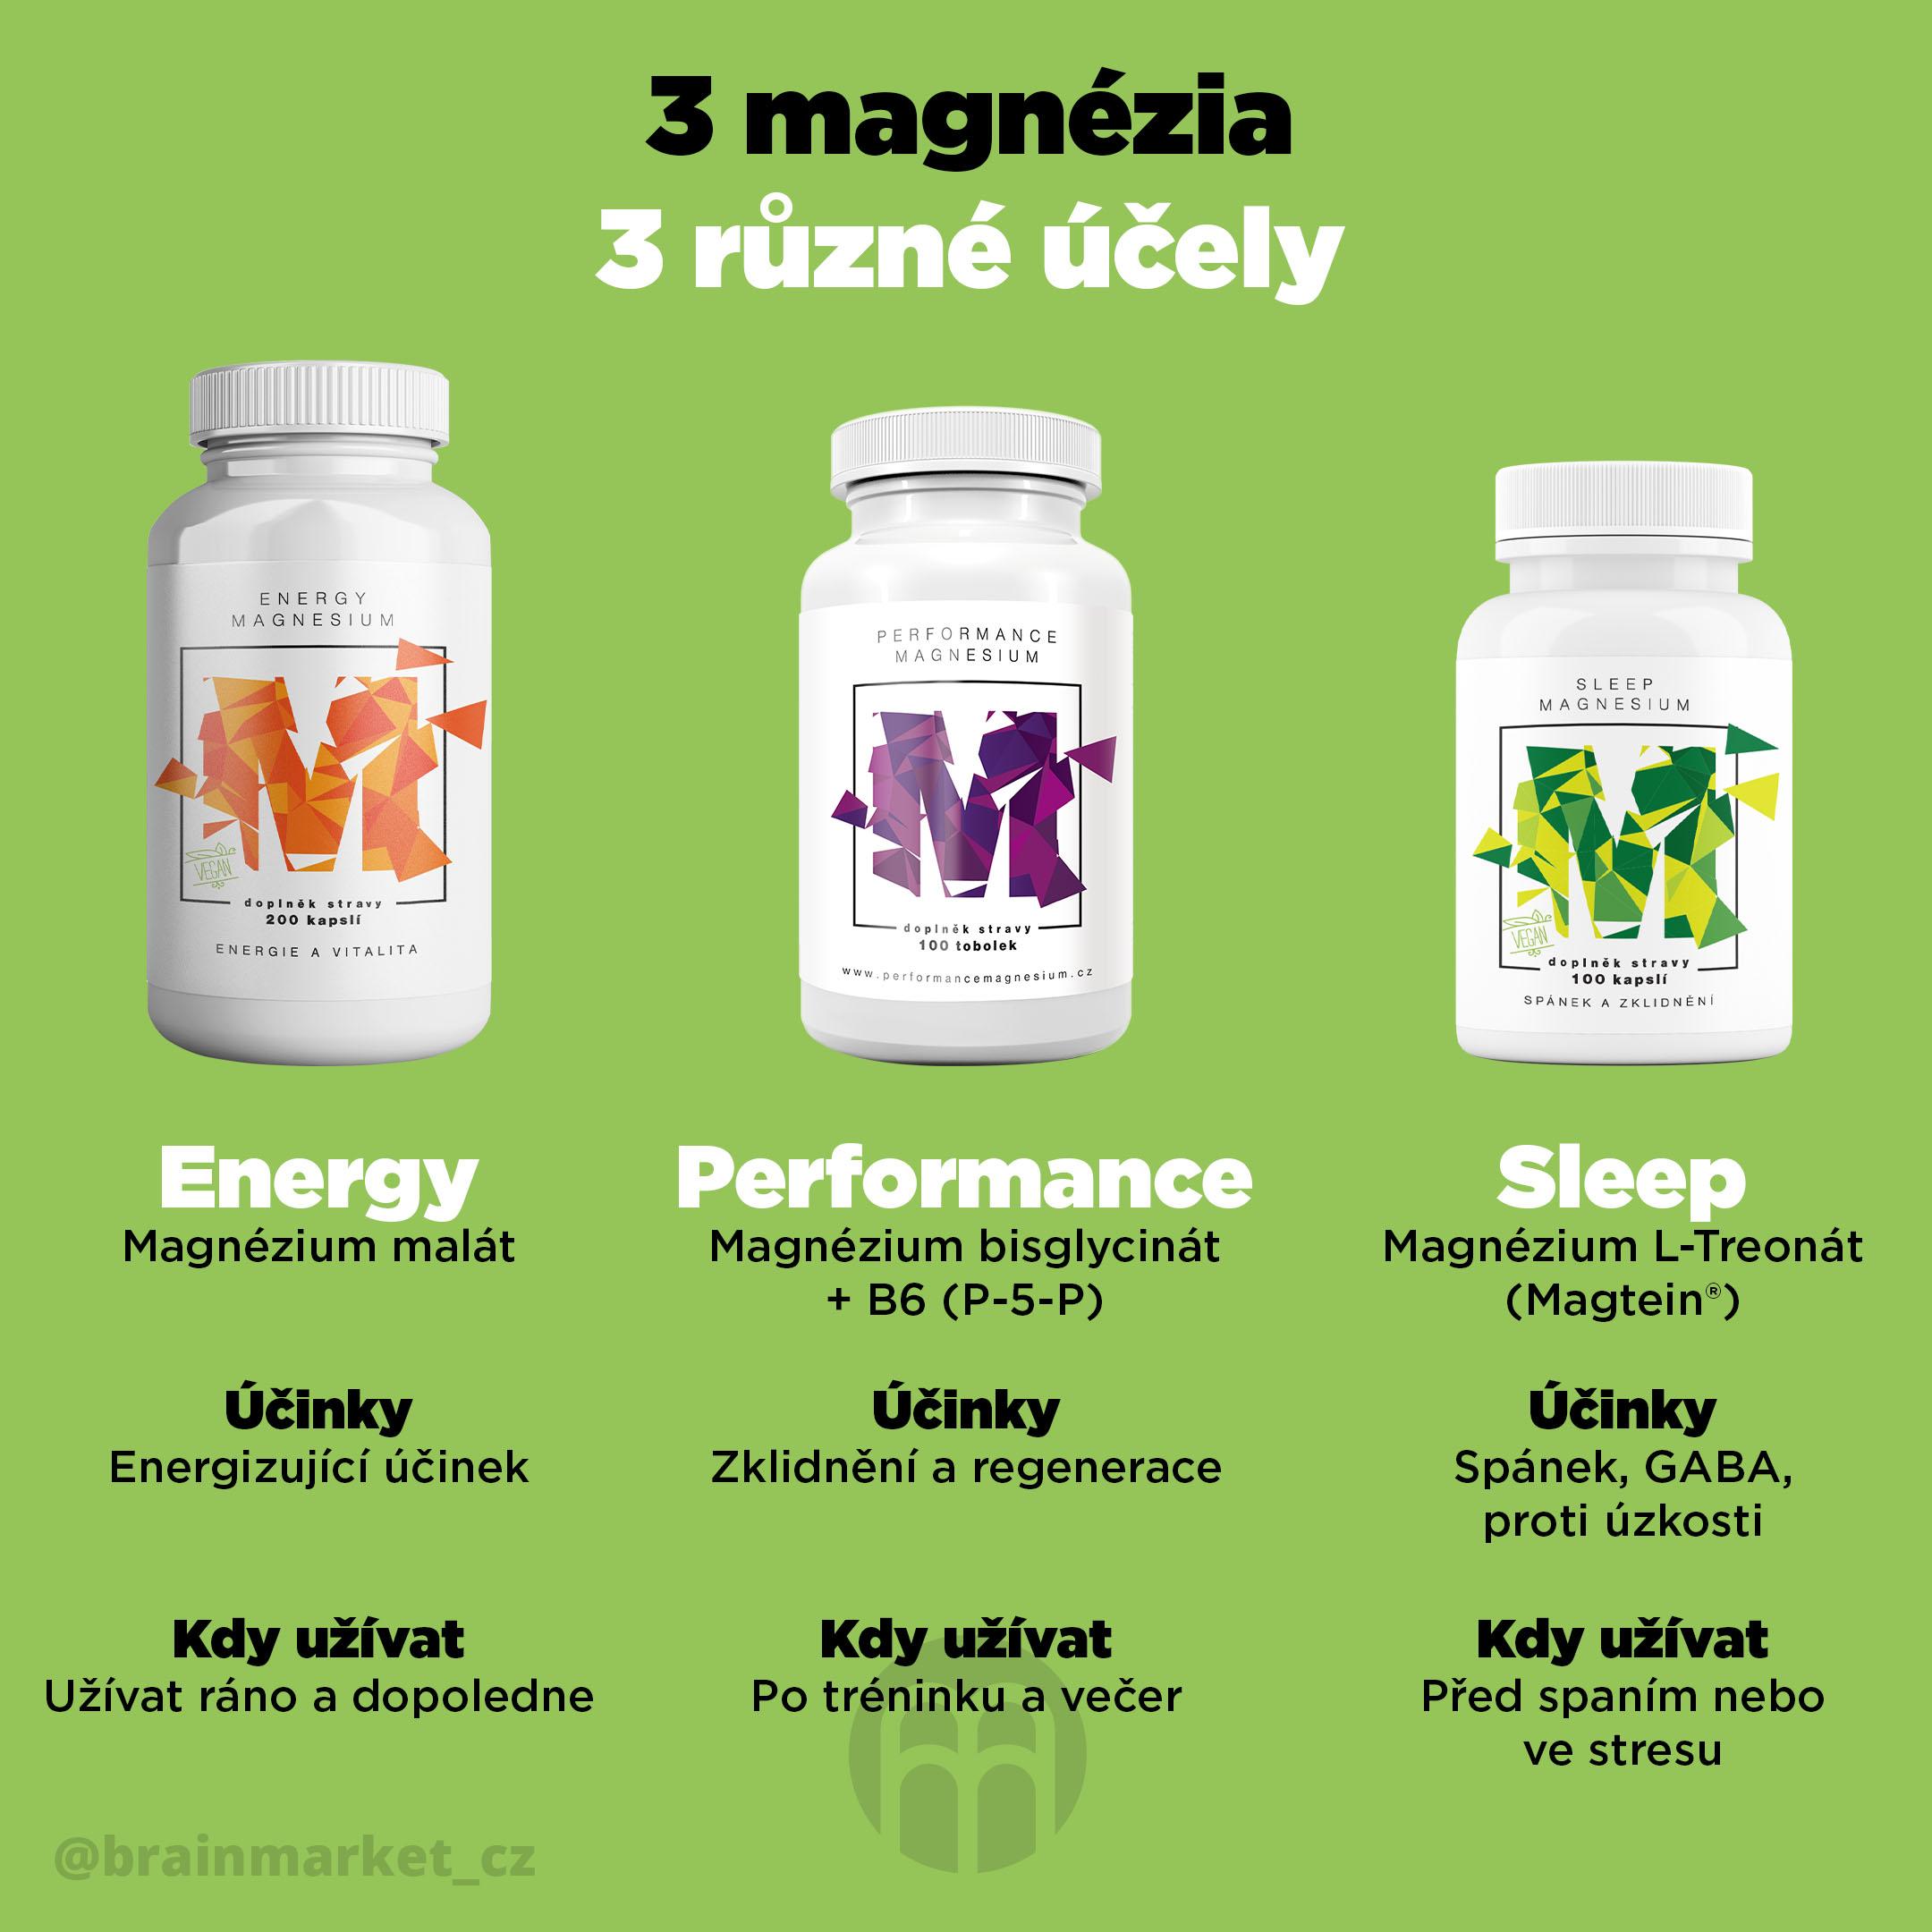 3 magnesia pro 3 různé účely a denní dobu